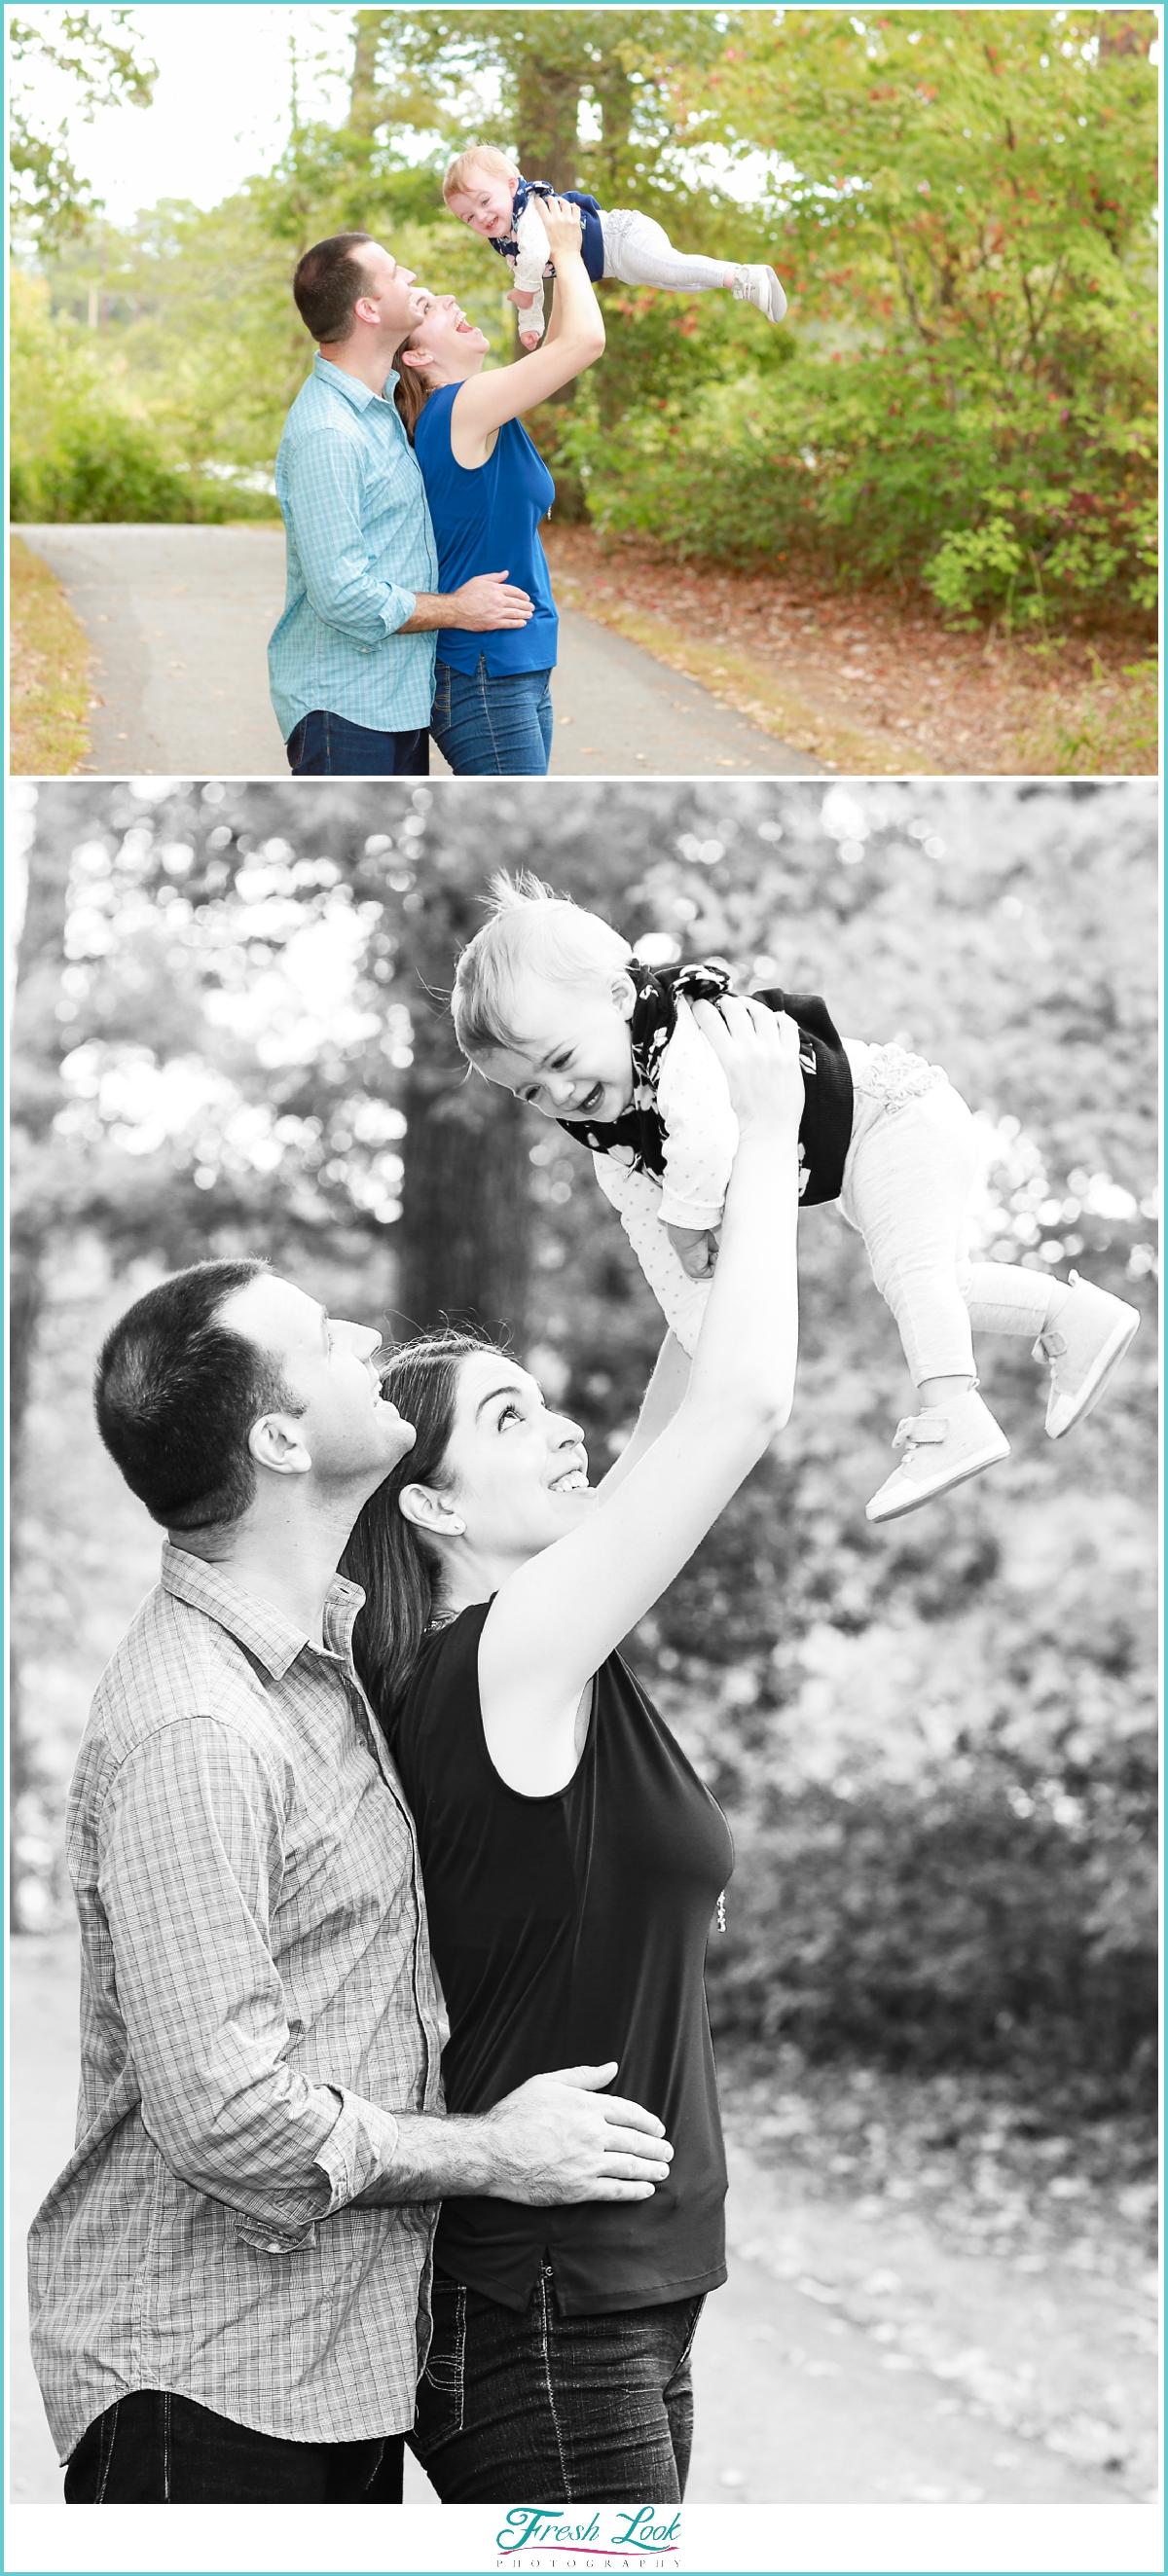 woodsy family photo shoot